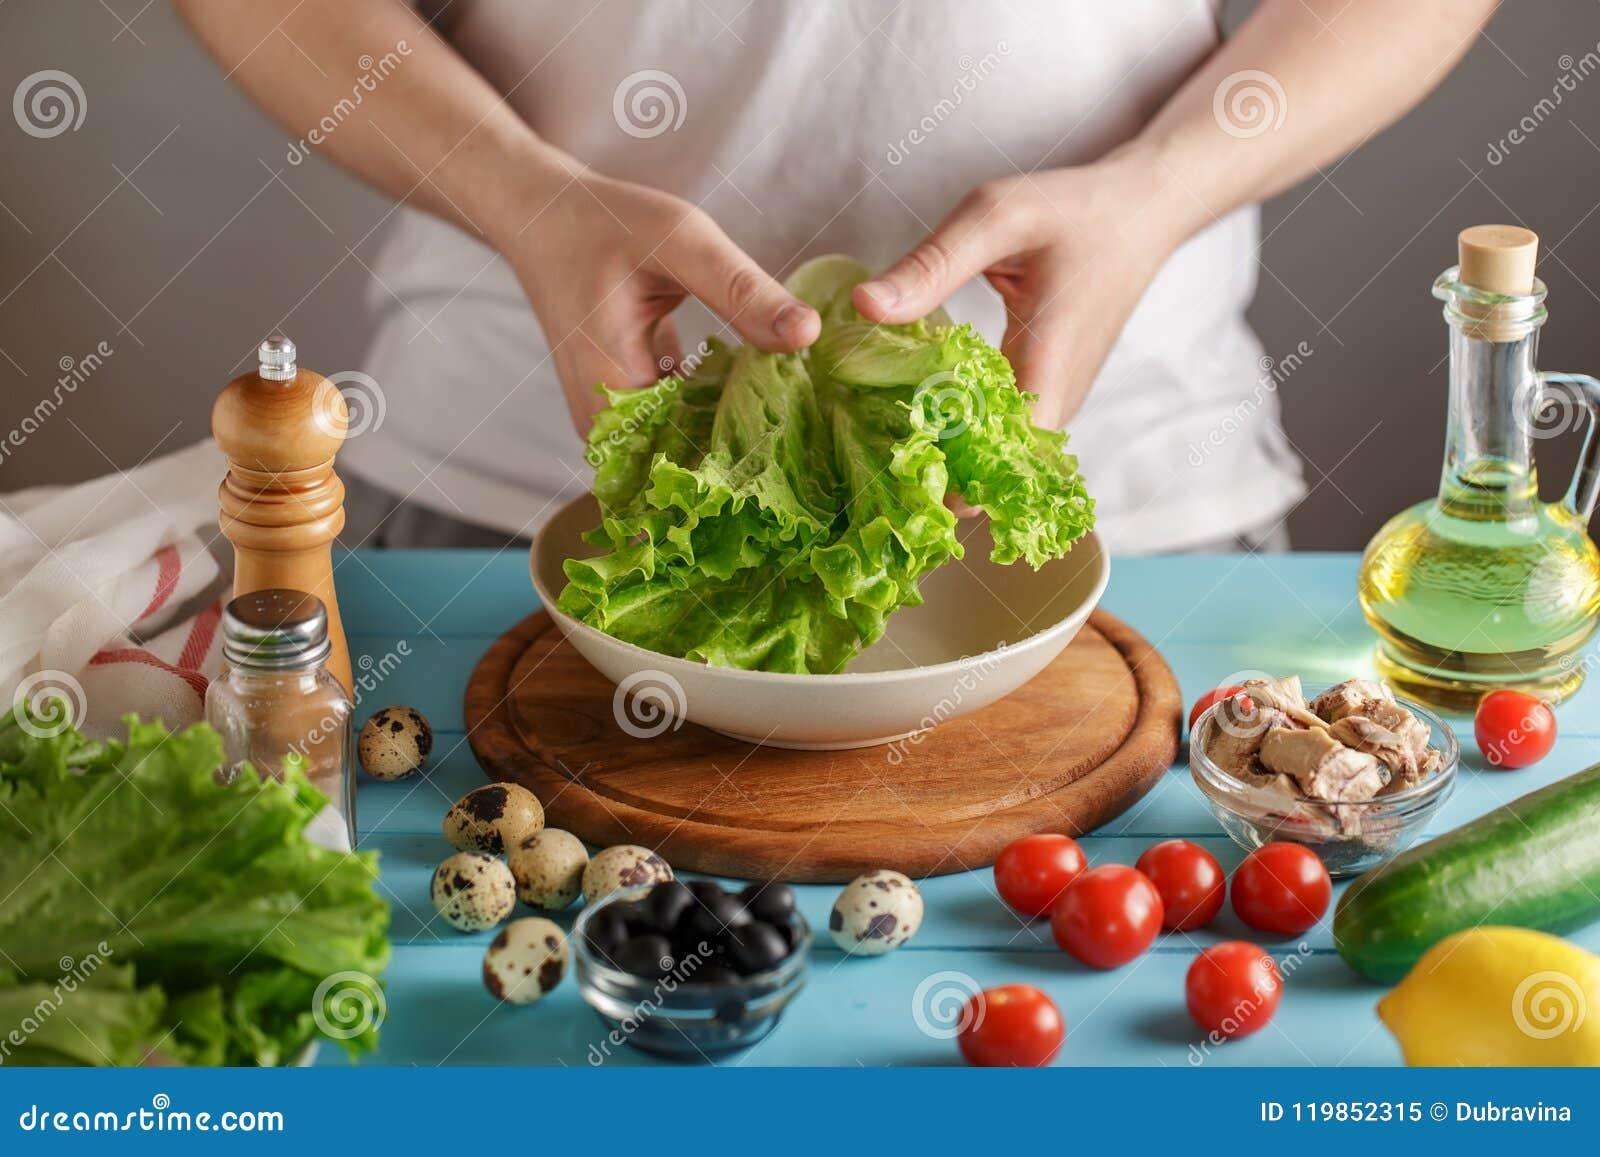 La main masculine tient le groupe de laitue au-dessus de la cuvette sur la table en bois avec les ingrédients frais